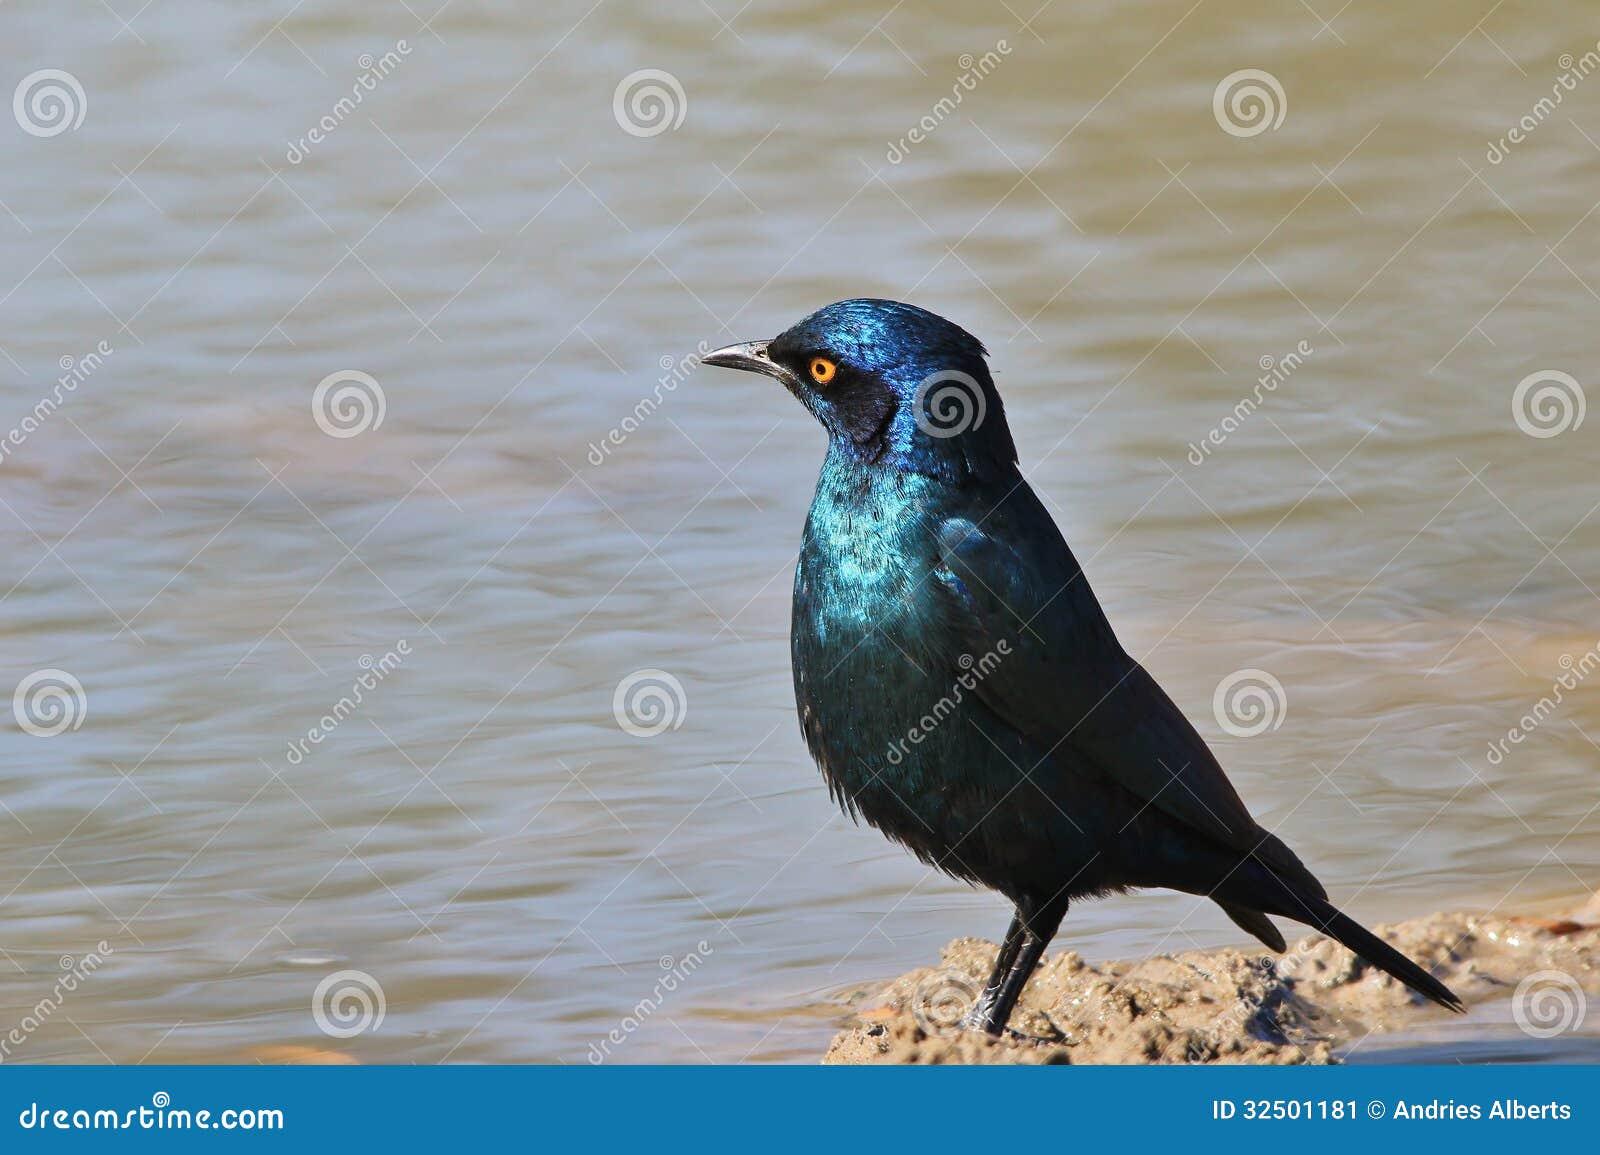 Wild Birds In Africa African wild birds